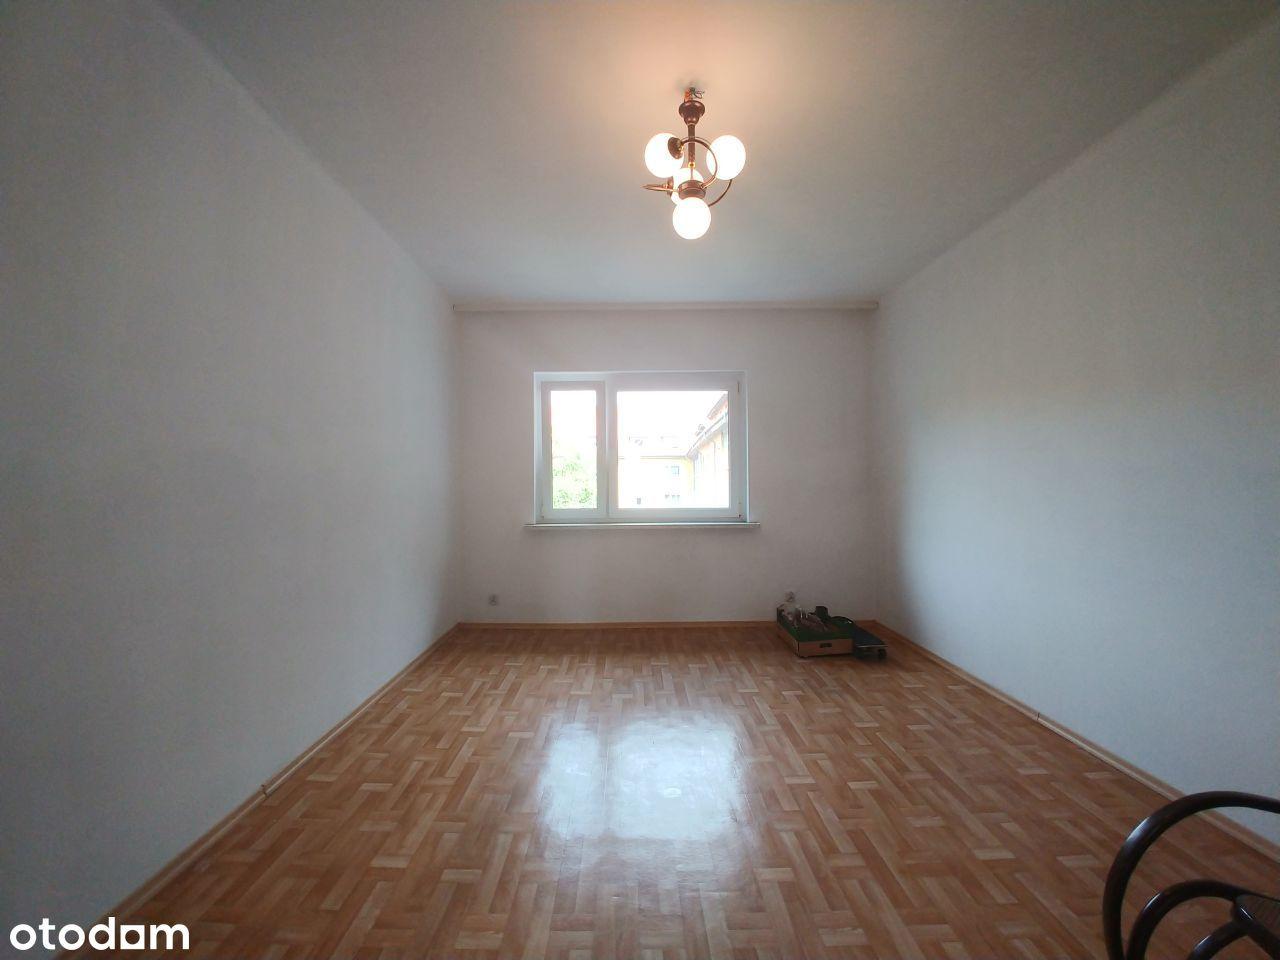 Mieszkanie 97 m2 w Śródmieściu Opola